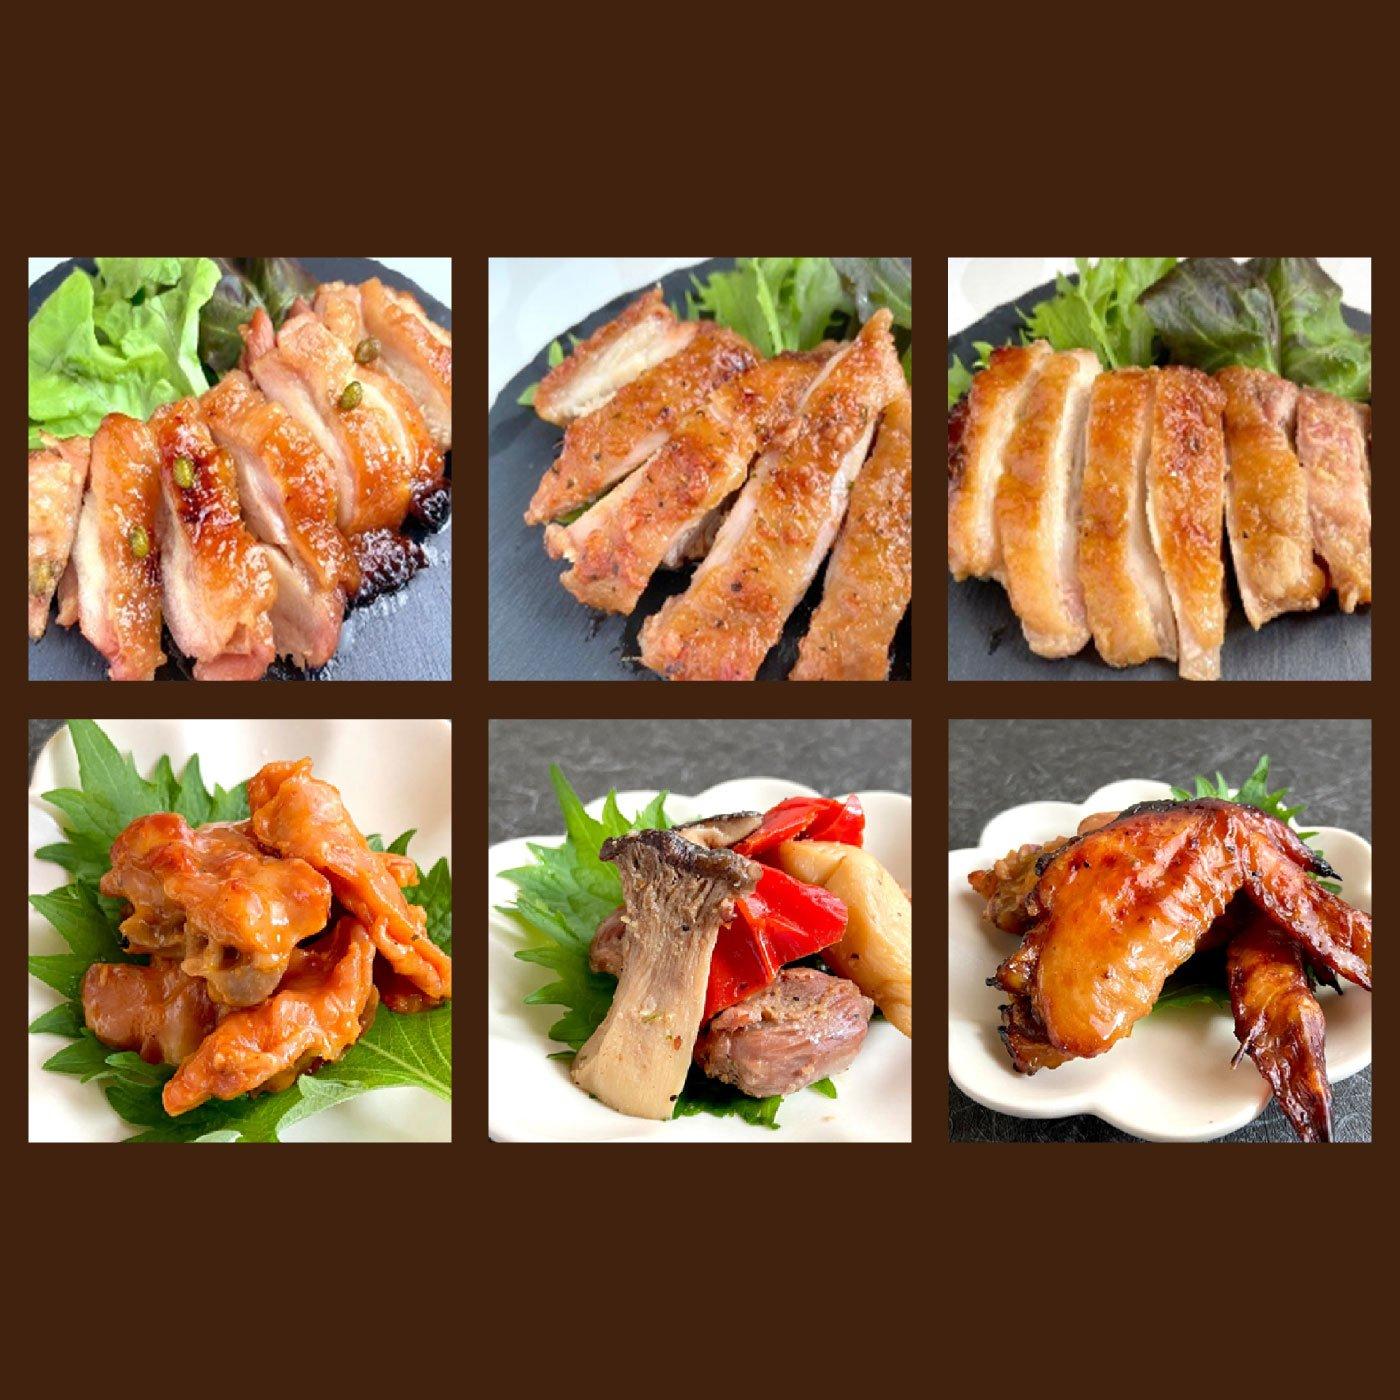 串惣 鳥取県産鶏肉使用のチキンステーキとおつまみセット